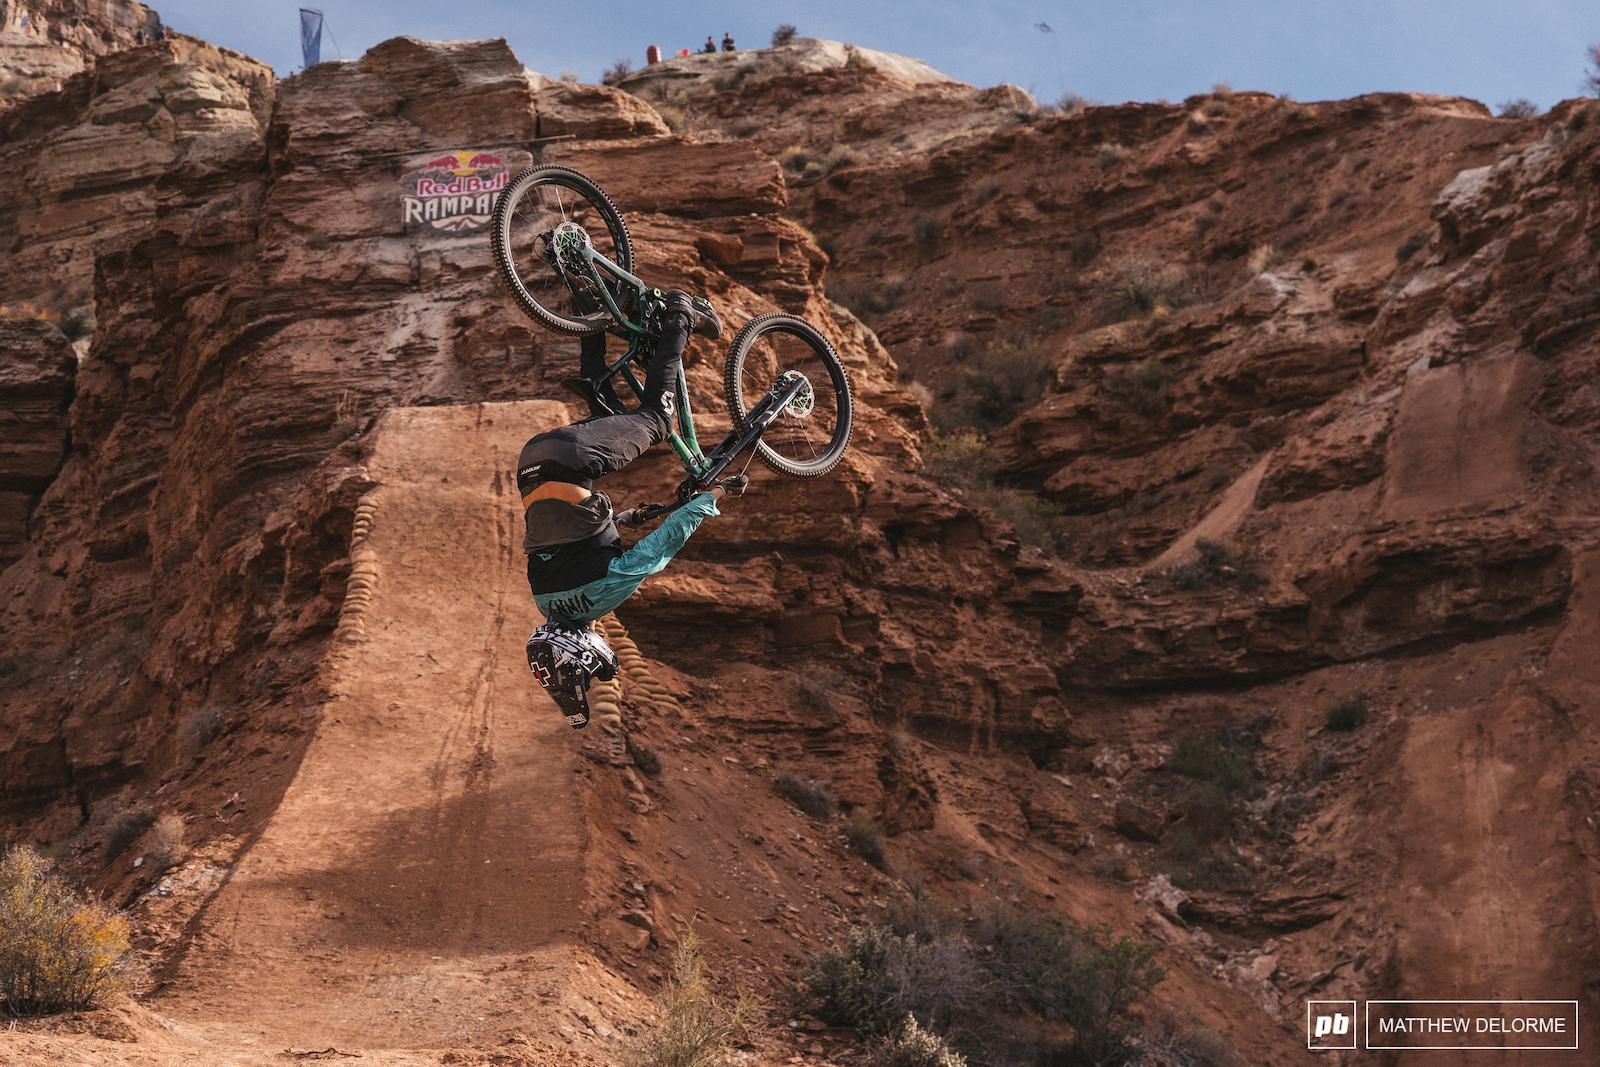 Vinny T flips cross course.